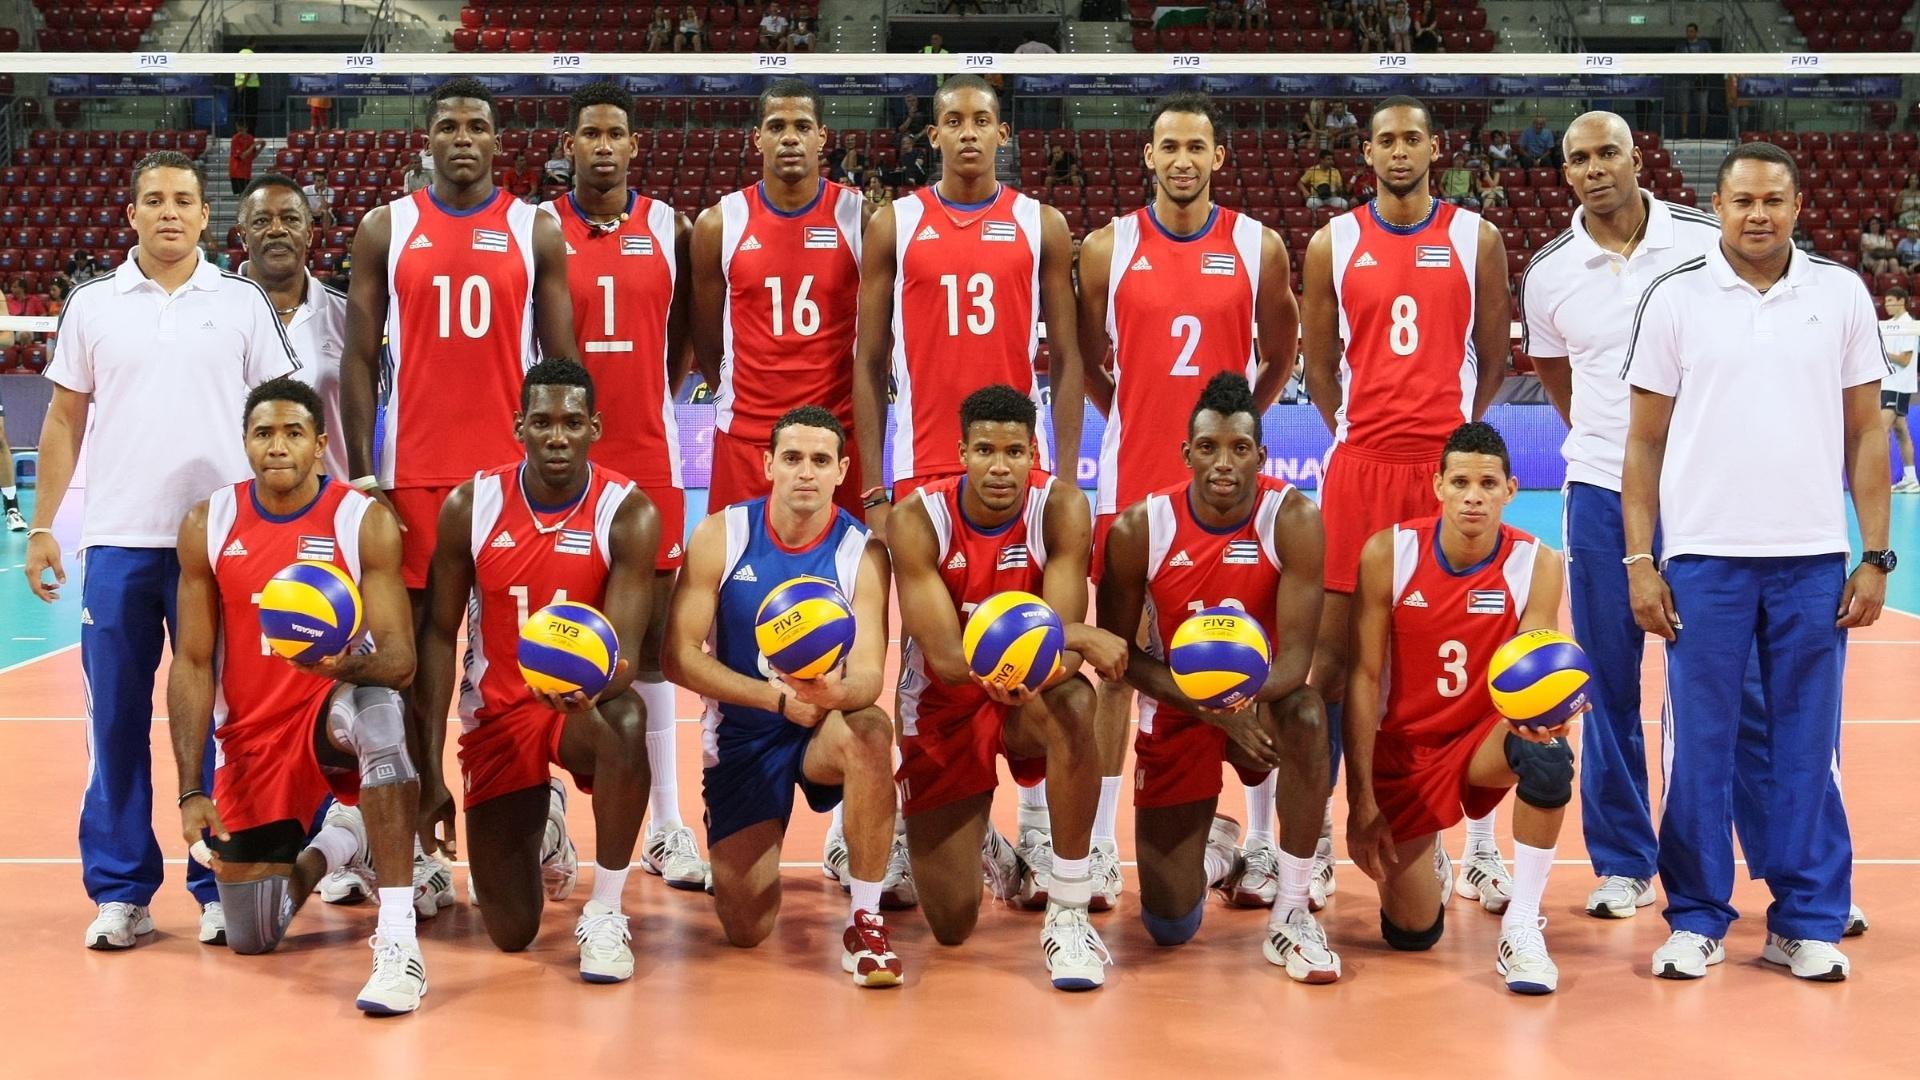 Seleção de Cuba posa para fotos antes do início do jogo contra o Brasil, na estreia dos dois times na Liga Mundial